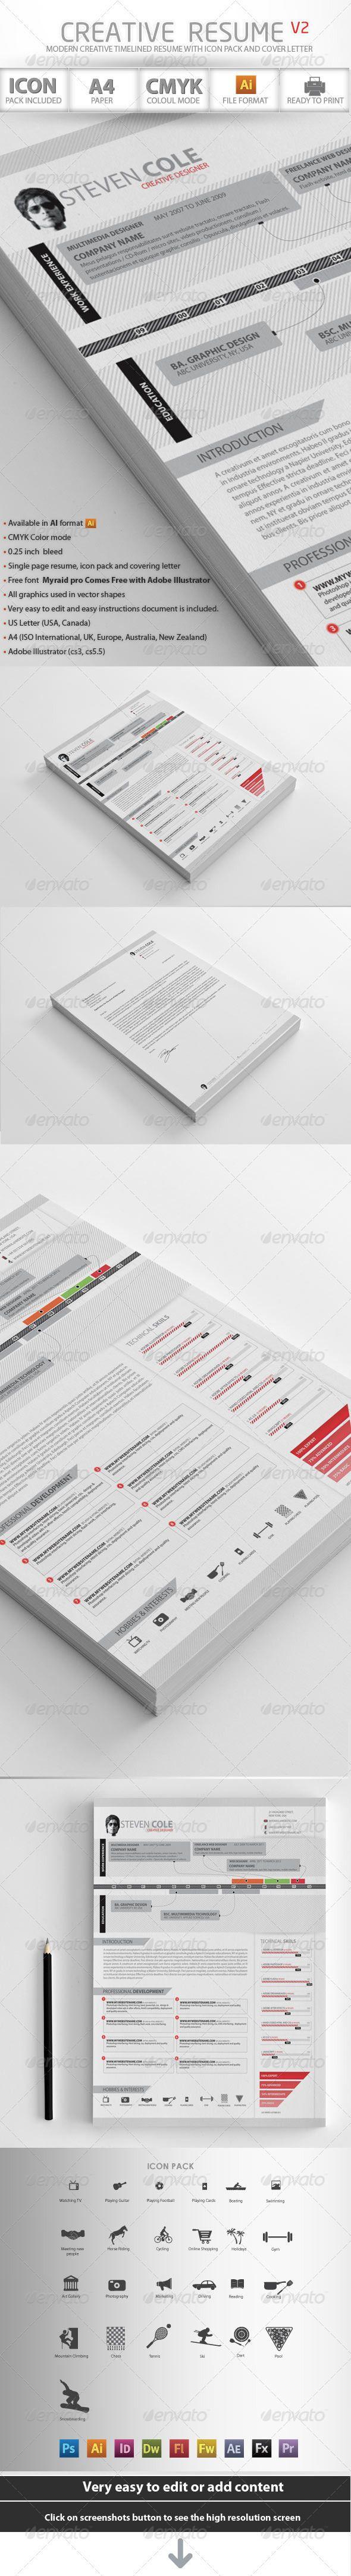 Un cv simple et efficace. Un design épuré tout en nuances de gris.